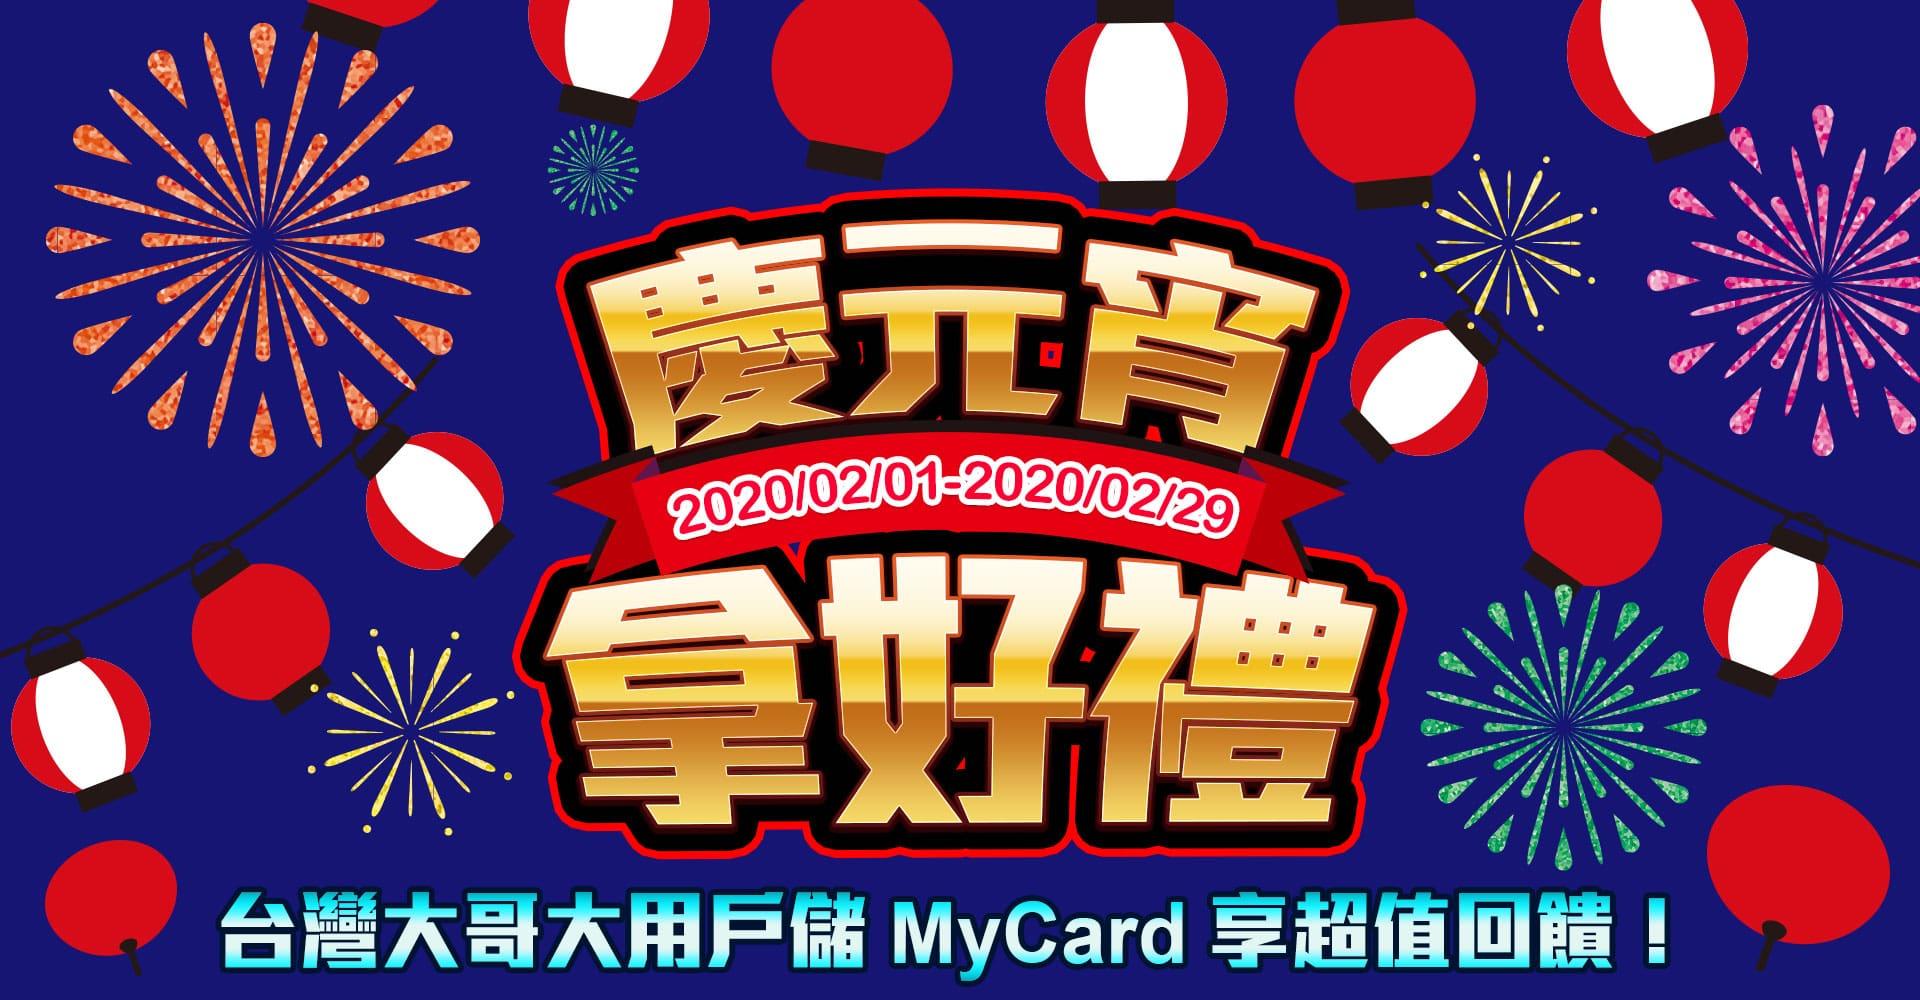 《台灣大哥大2月活動》慶元宵~拿好禮! 台灣大哥大用戶儲MyCard享超值回饋!